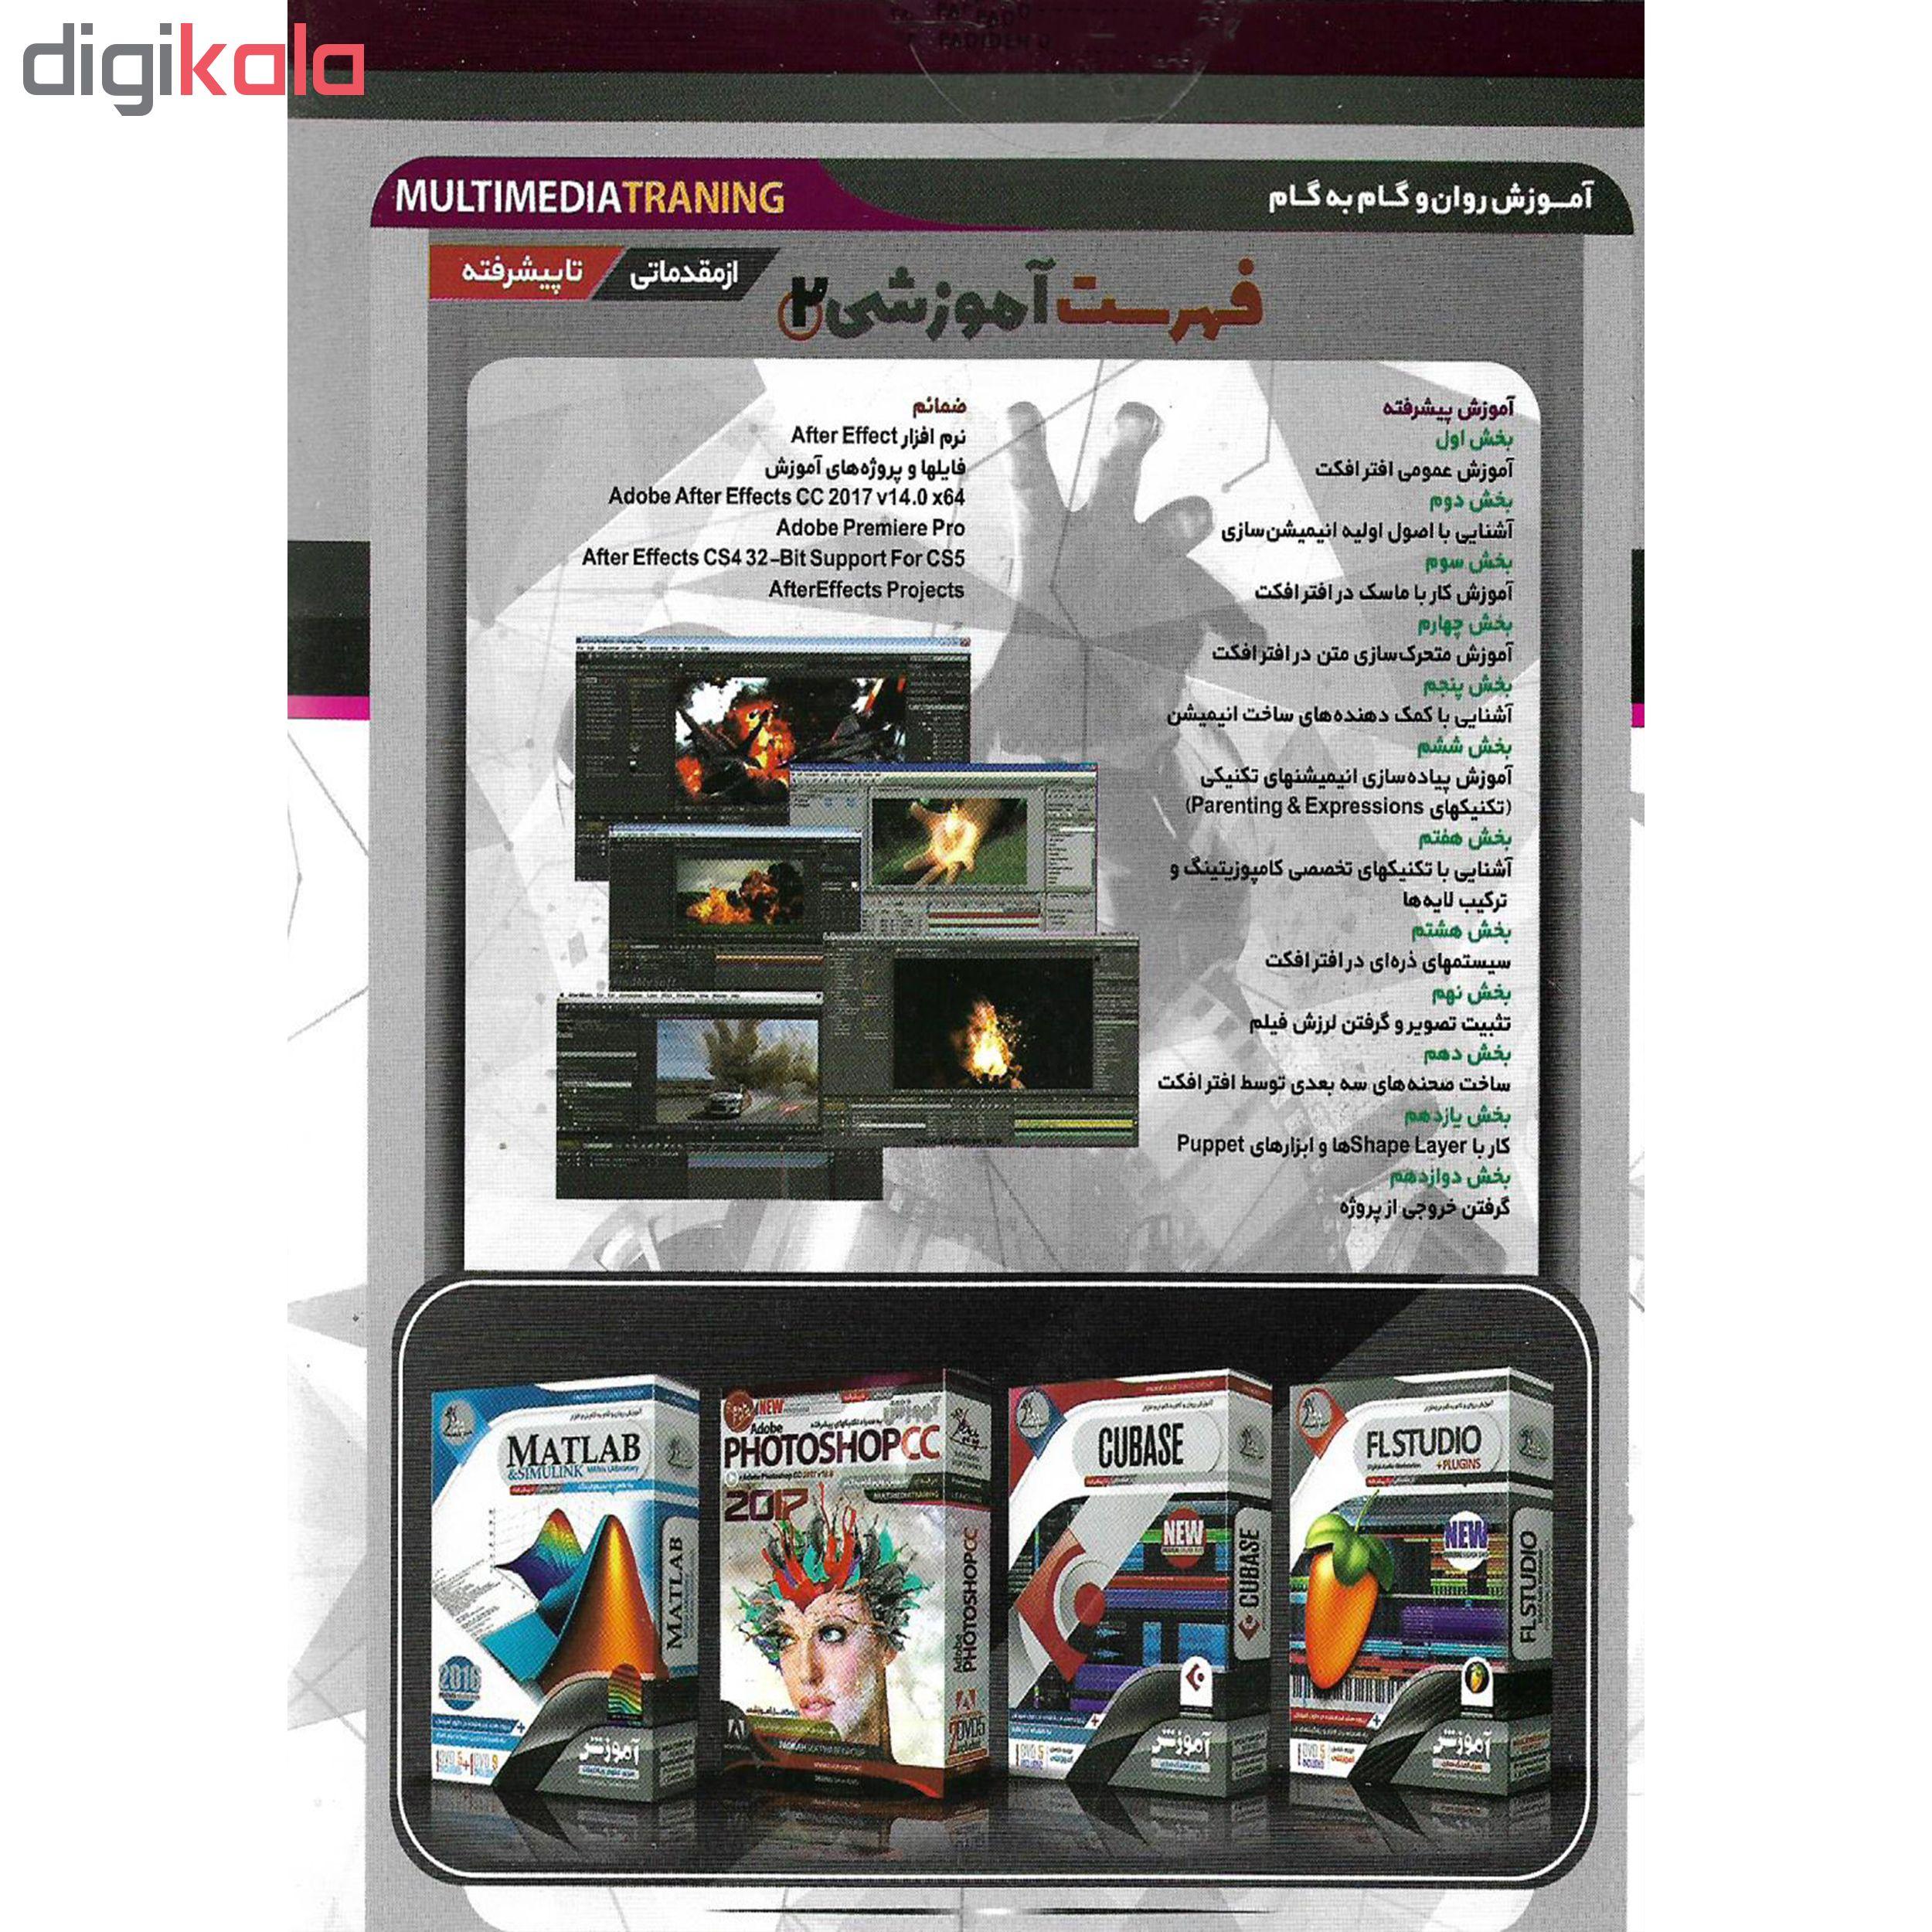 نرم افزار آموزش After Effects CC نشر پدیده به همراه نرم افزار After Effects CC نشر نوین پندار